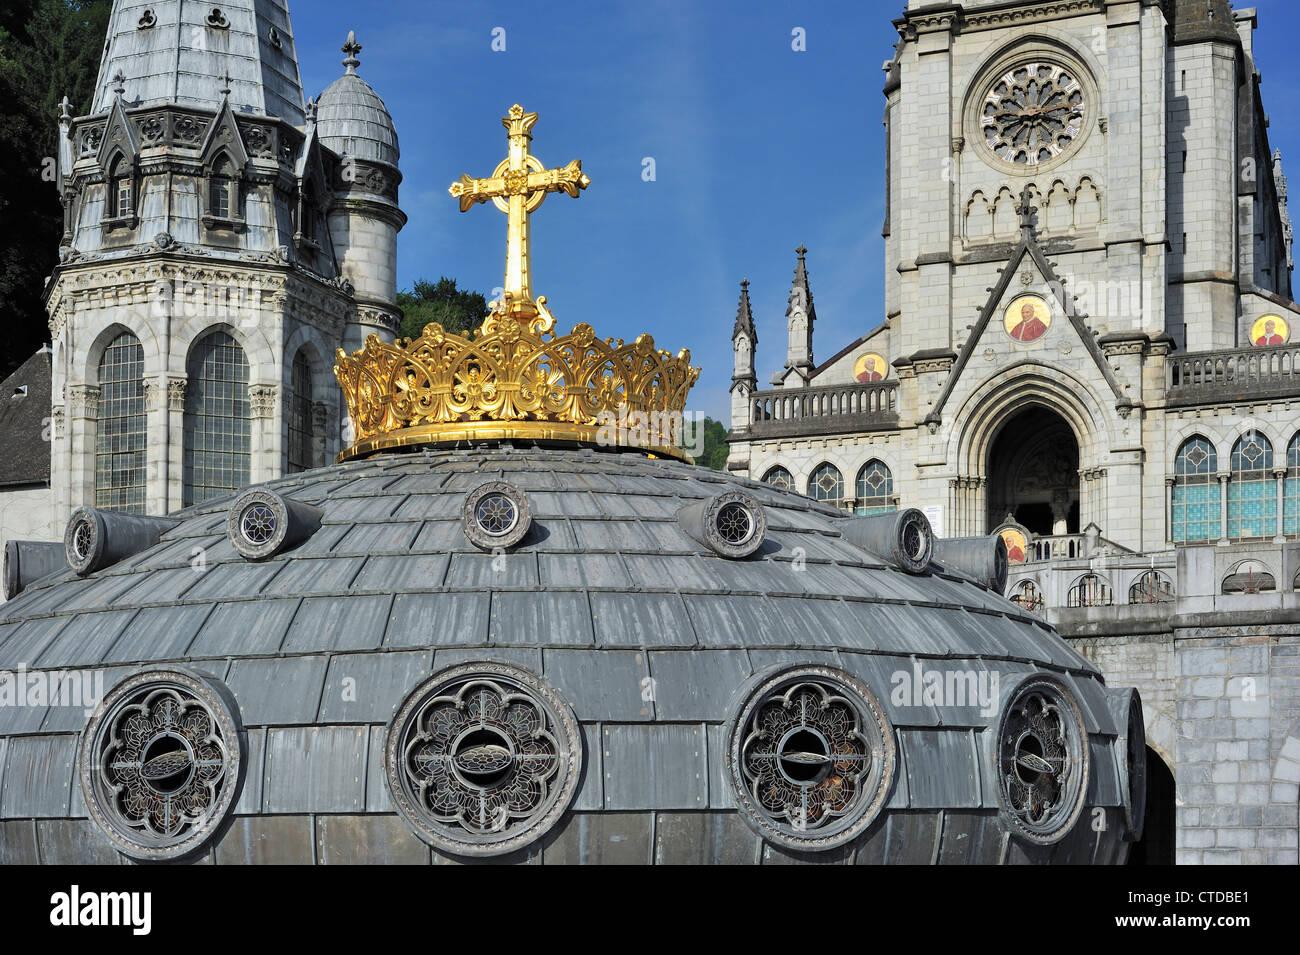 La couronne dorée et croix de la Basilique de Notre-Dame du Rosaire / Notre Dame du Rosaire de Lourdes, Pyrénées, France Banque D'Images